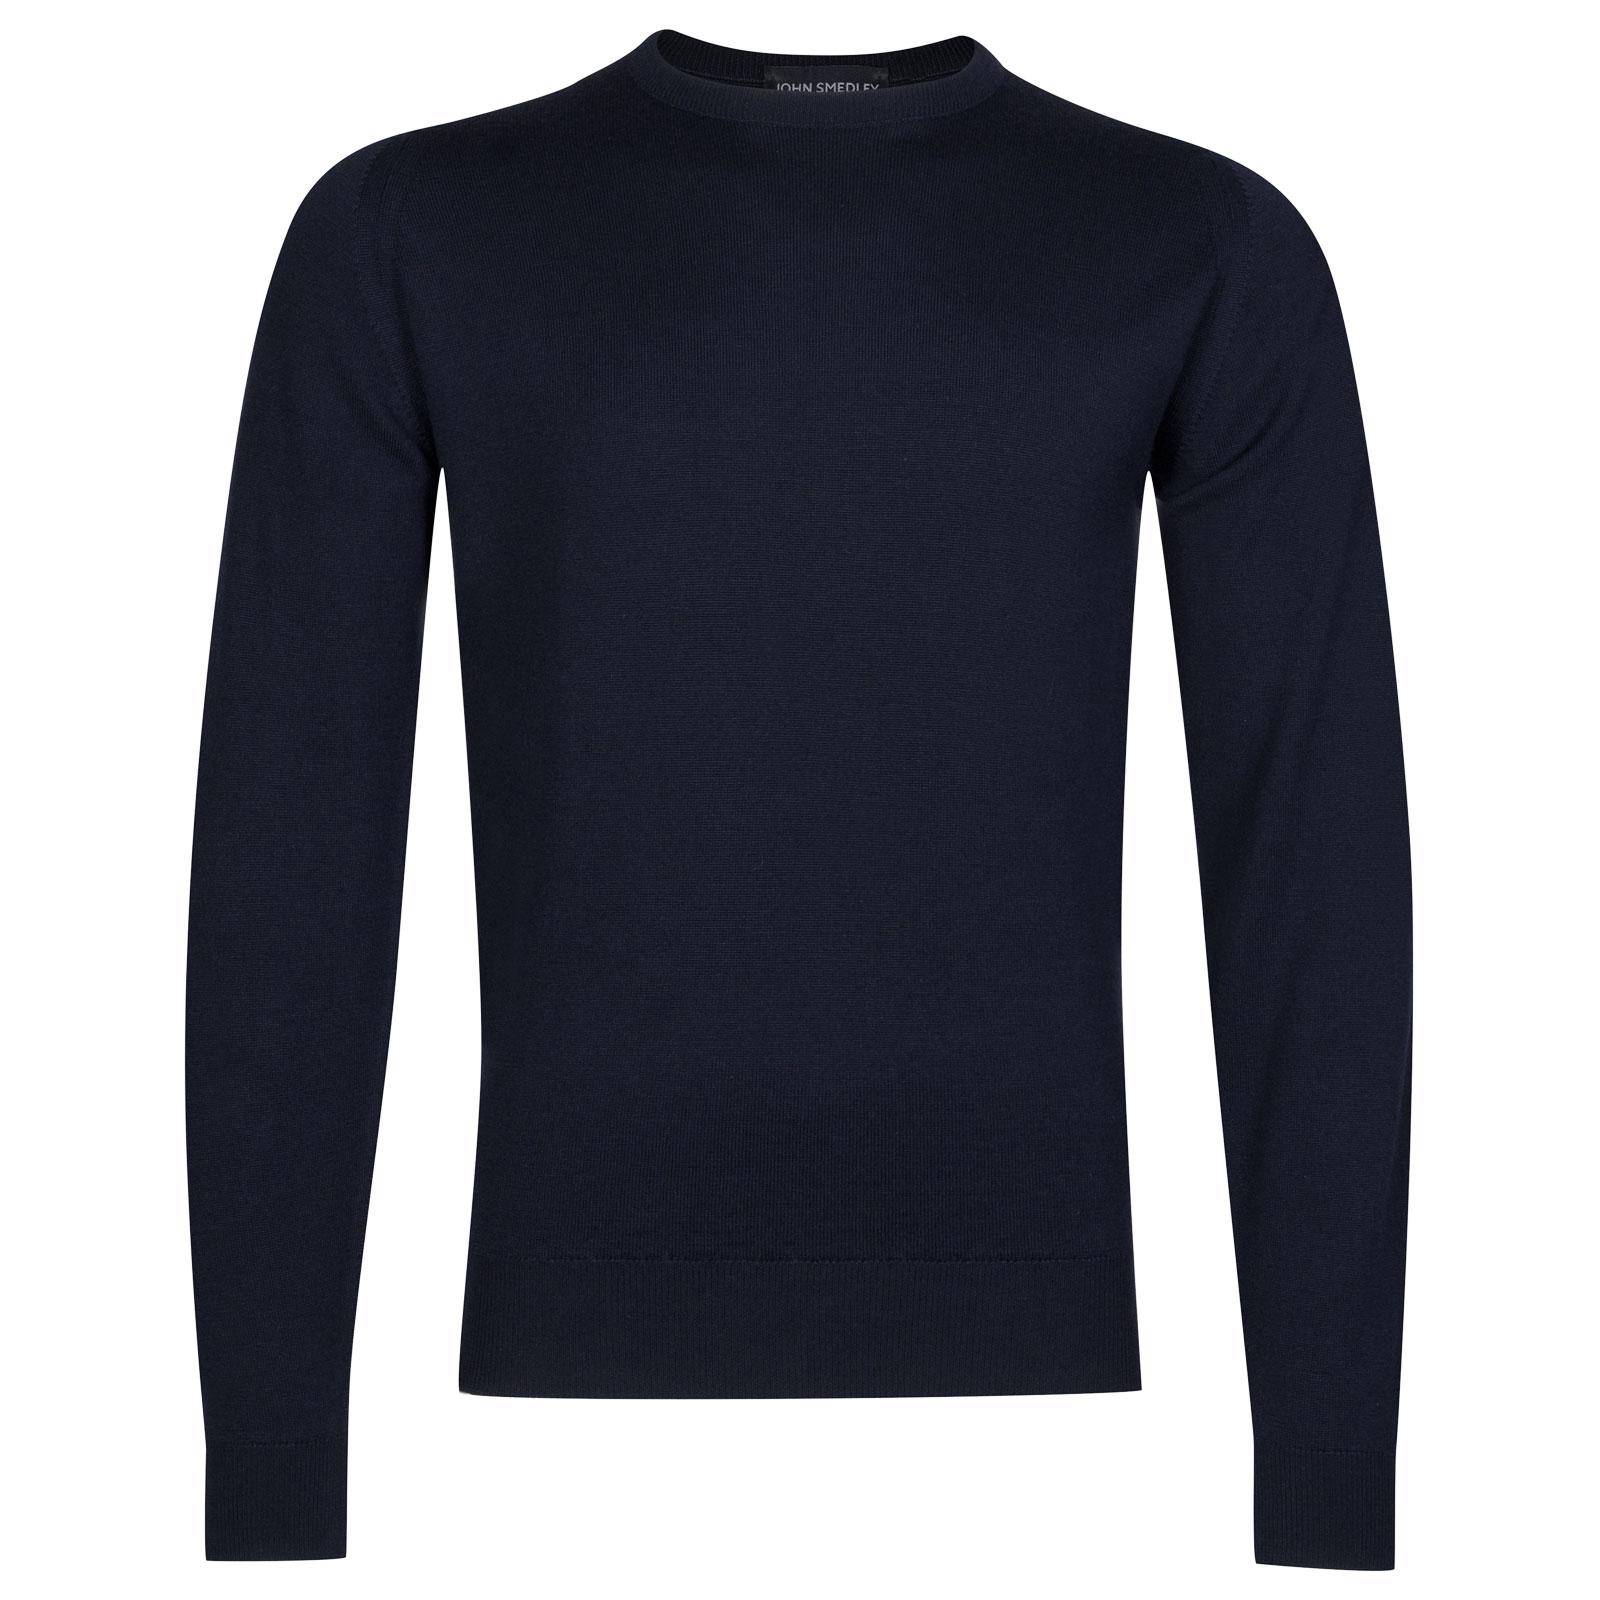 John Smedley farhill Merino Wool Pullover in Midnight-XL